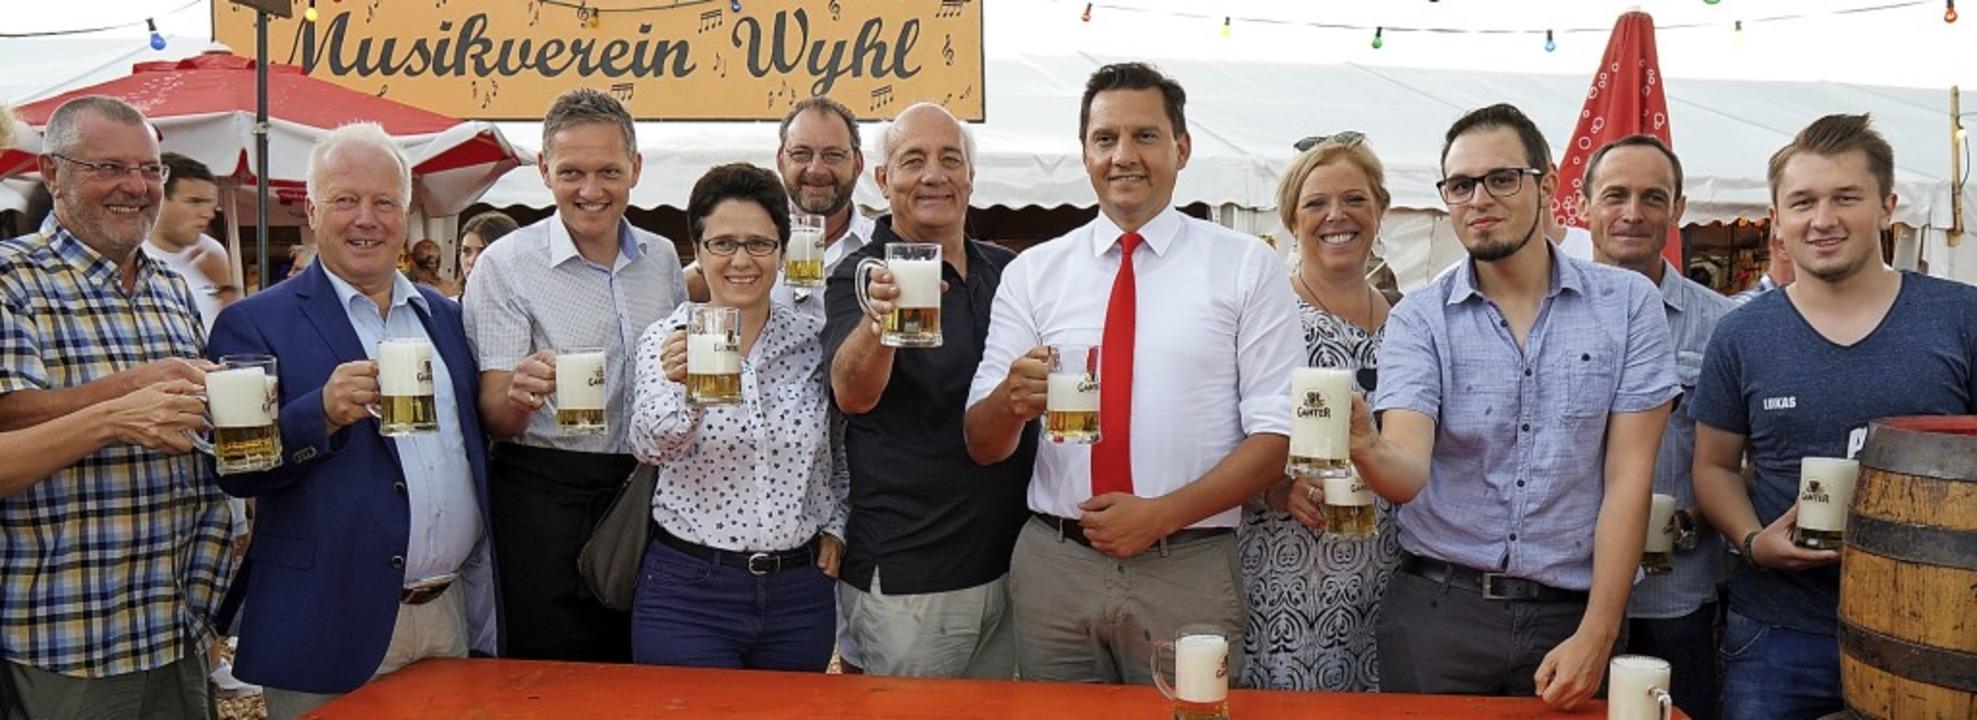 Viel Politprominenz feierte am Samstag...Eröffnung des Wyhler Gassenfests mit.   | Foto: Jürgen Schweizer